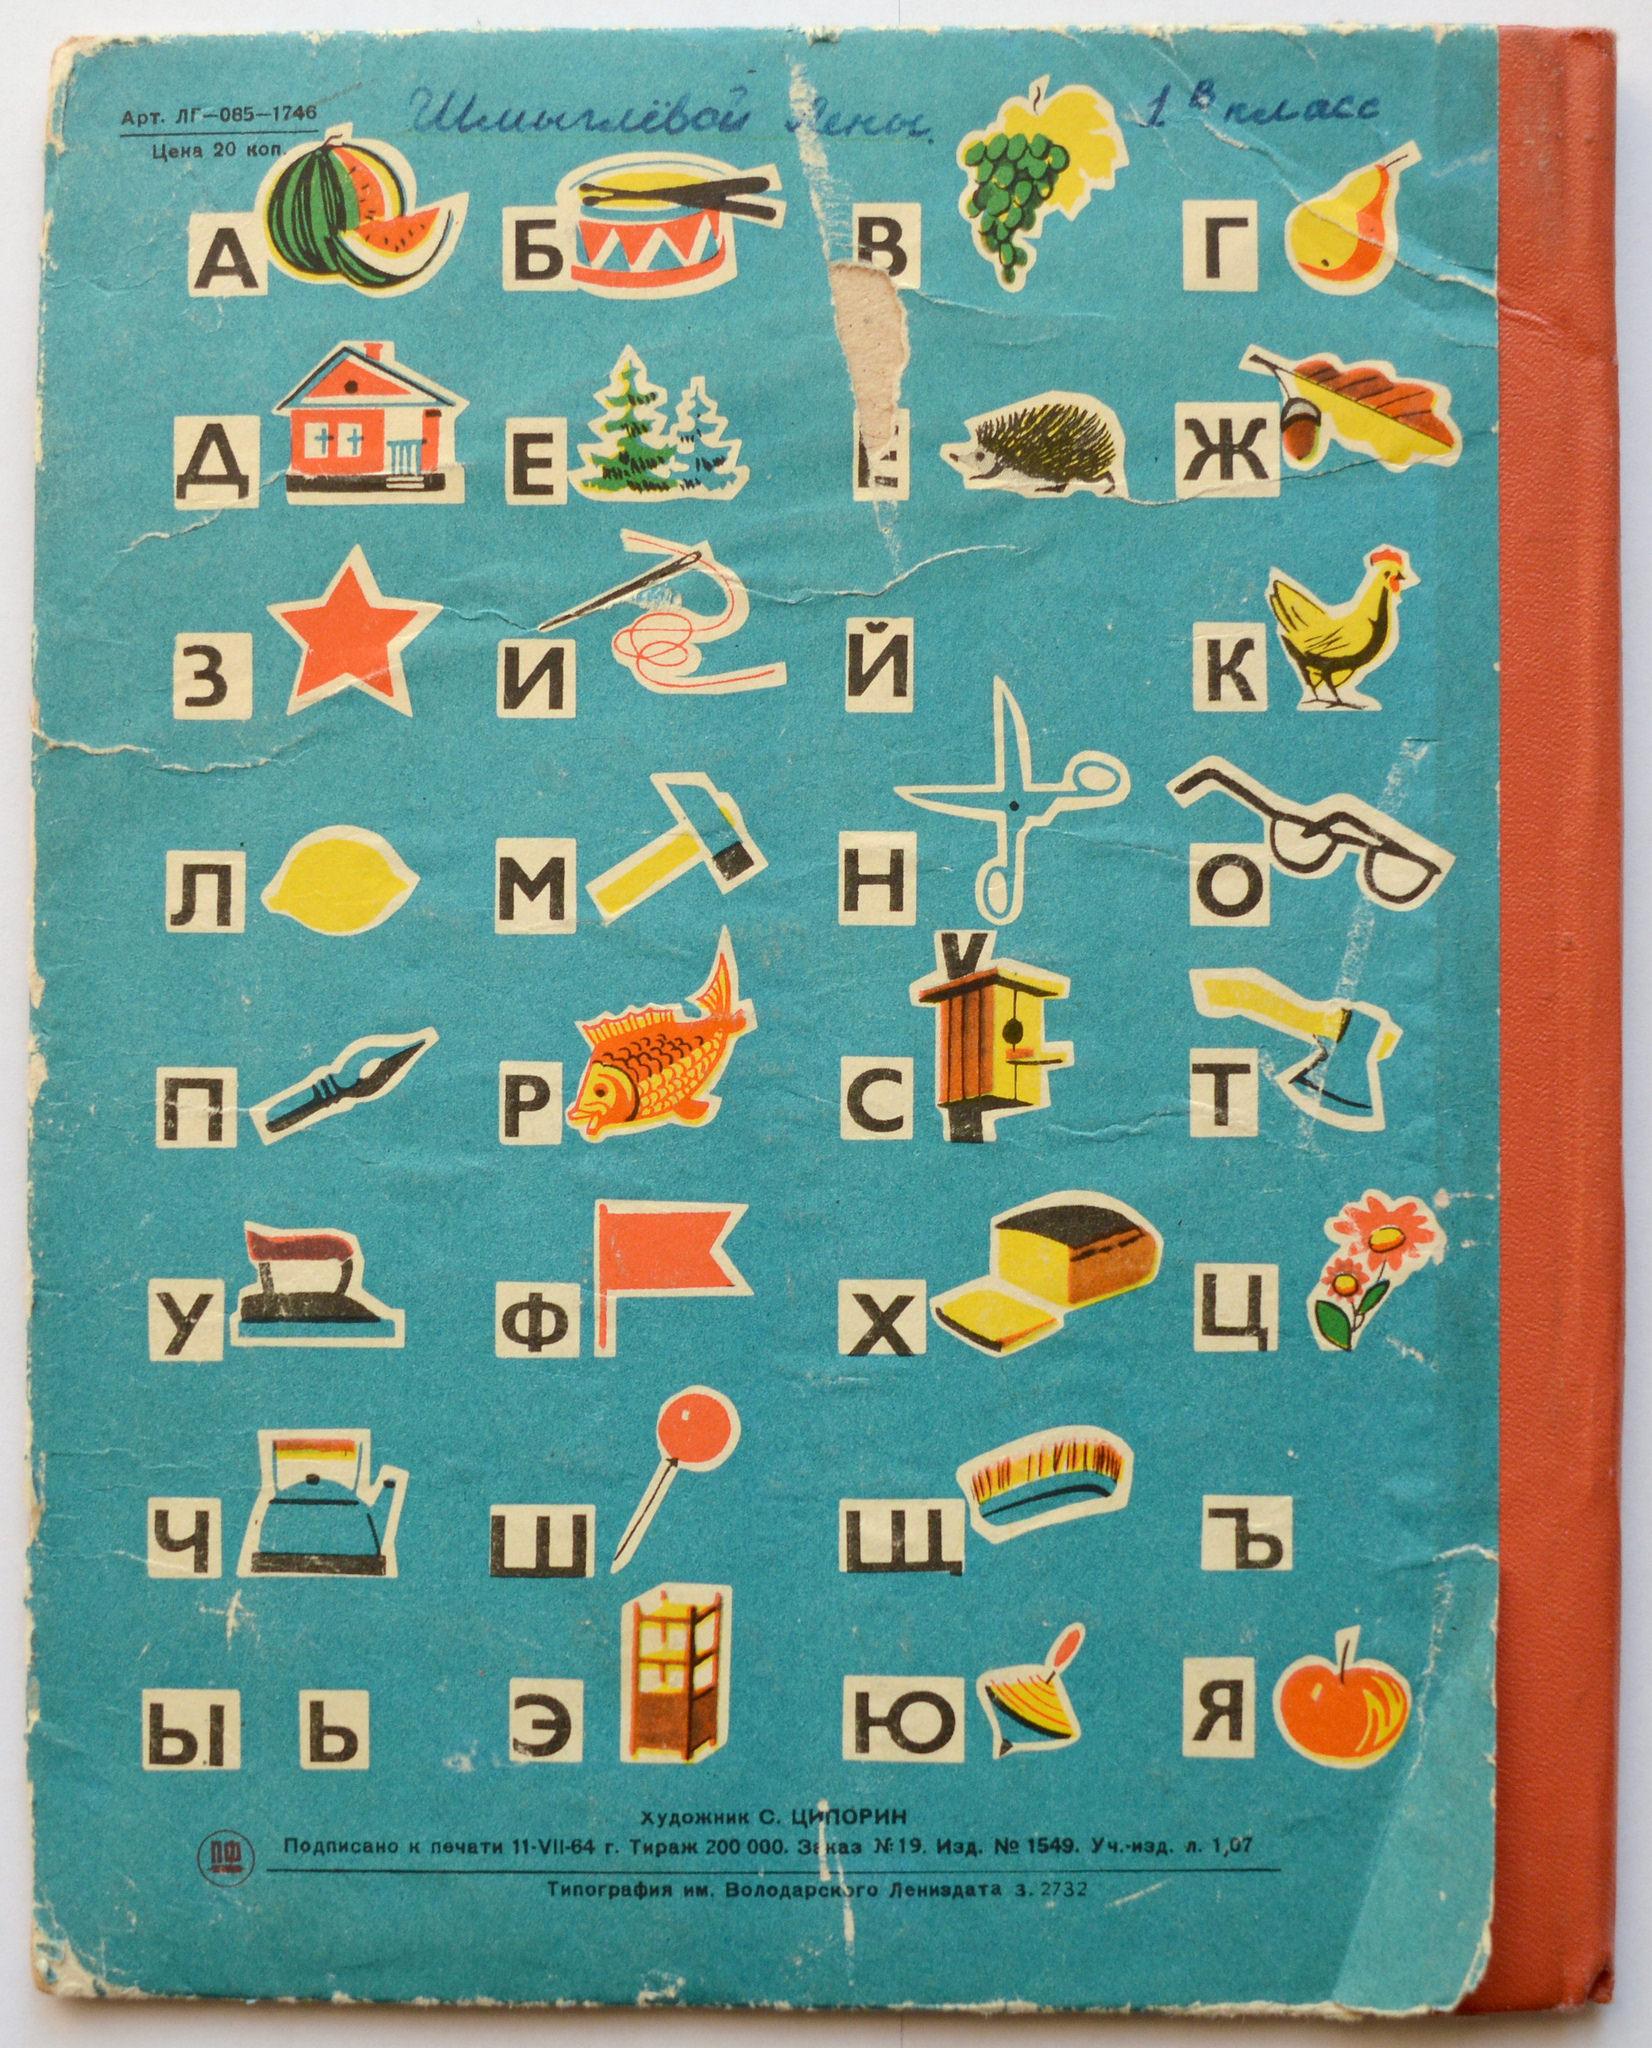 1918년 이후 'A' 글자가 '수박'(러시아어로 арбуз)을 가르켰다. 출처: Wikipedia.org